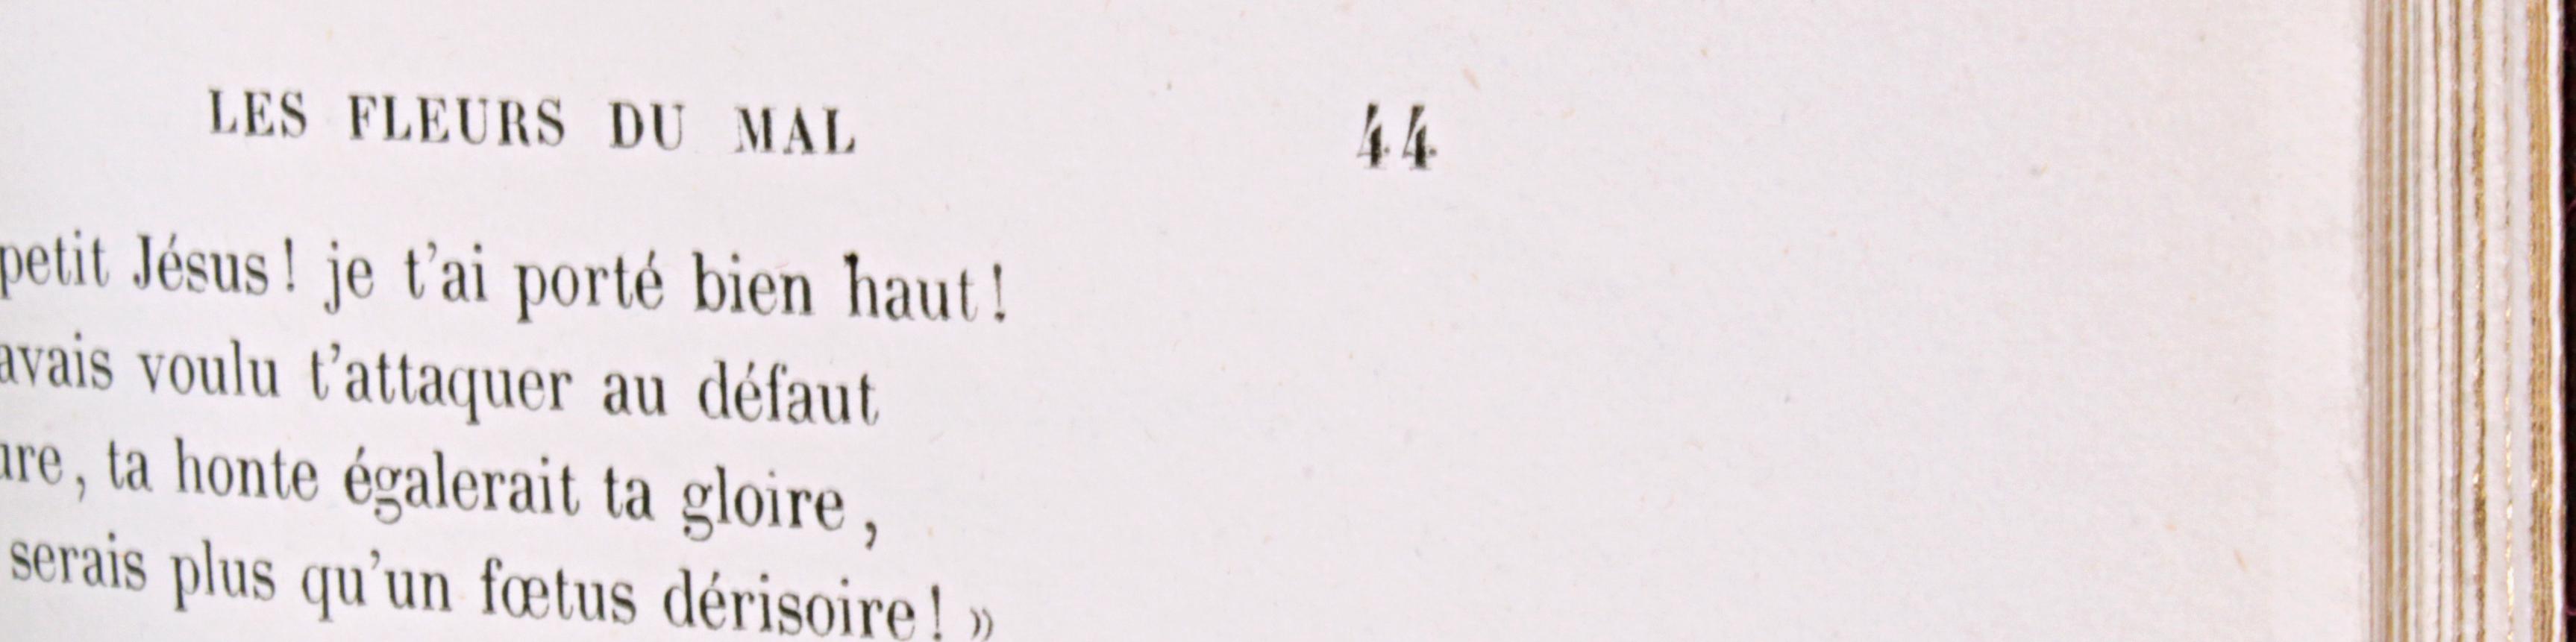 Erreur de pagination Baudelaire Fleurs du mal 1857